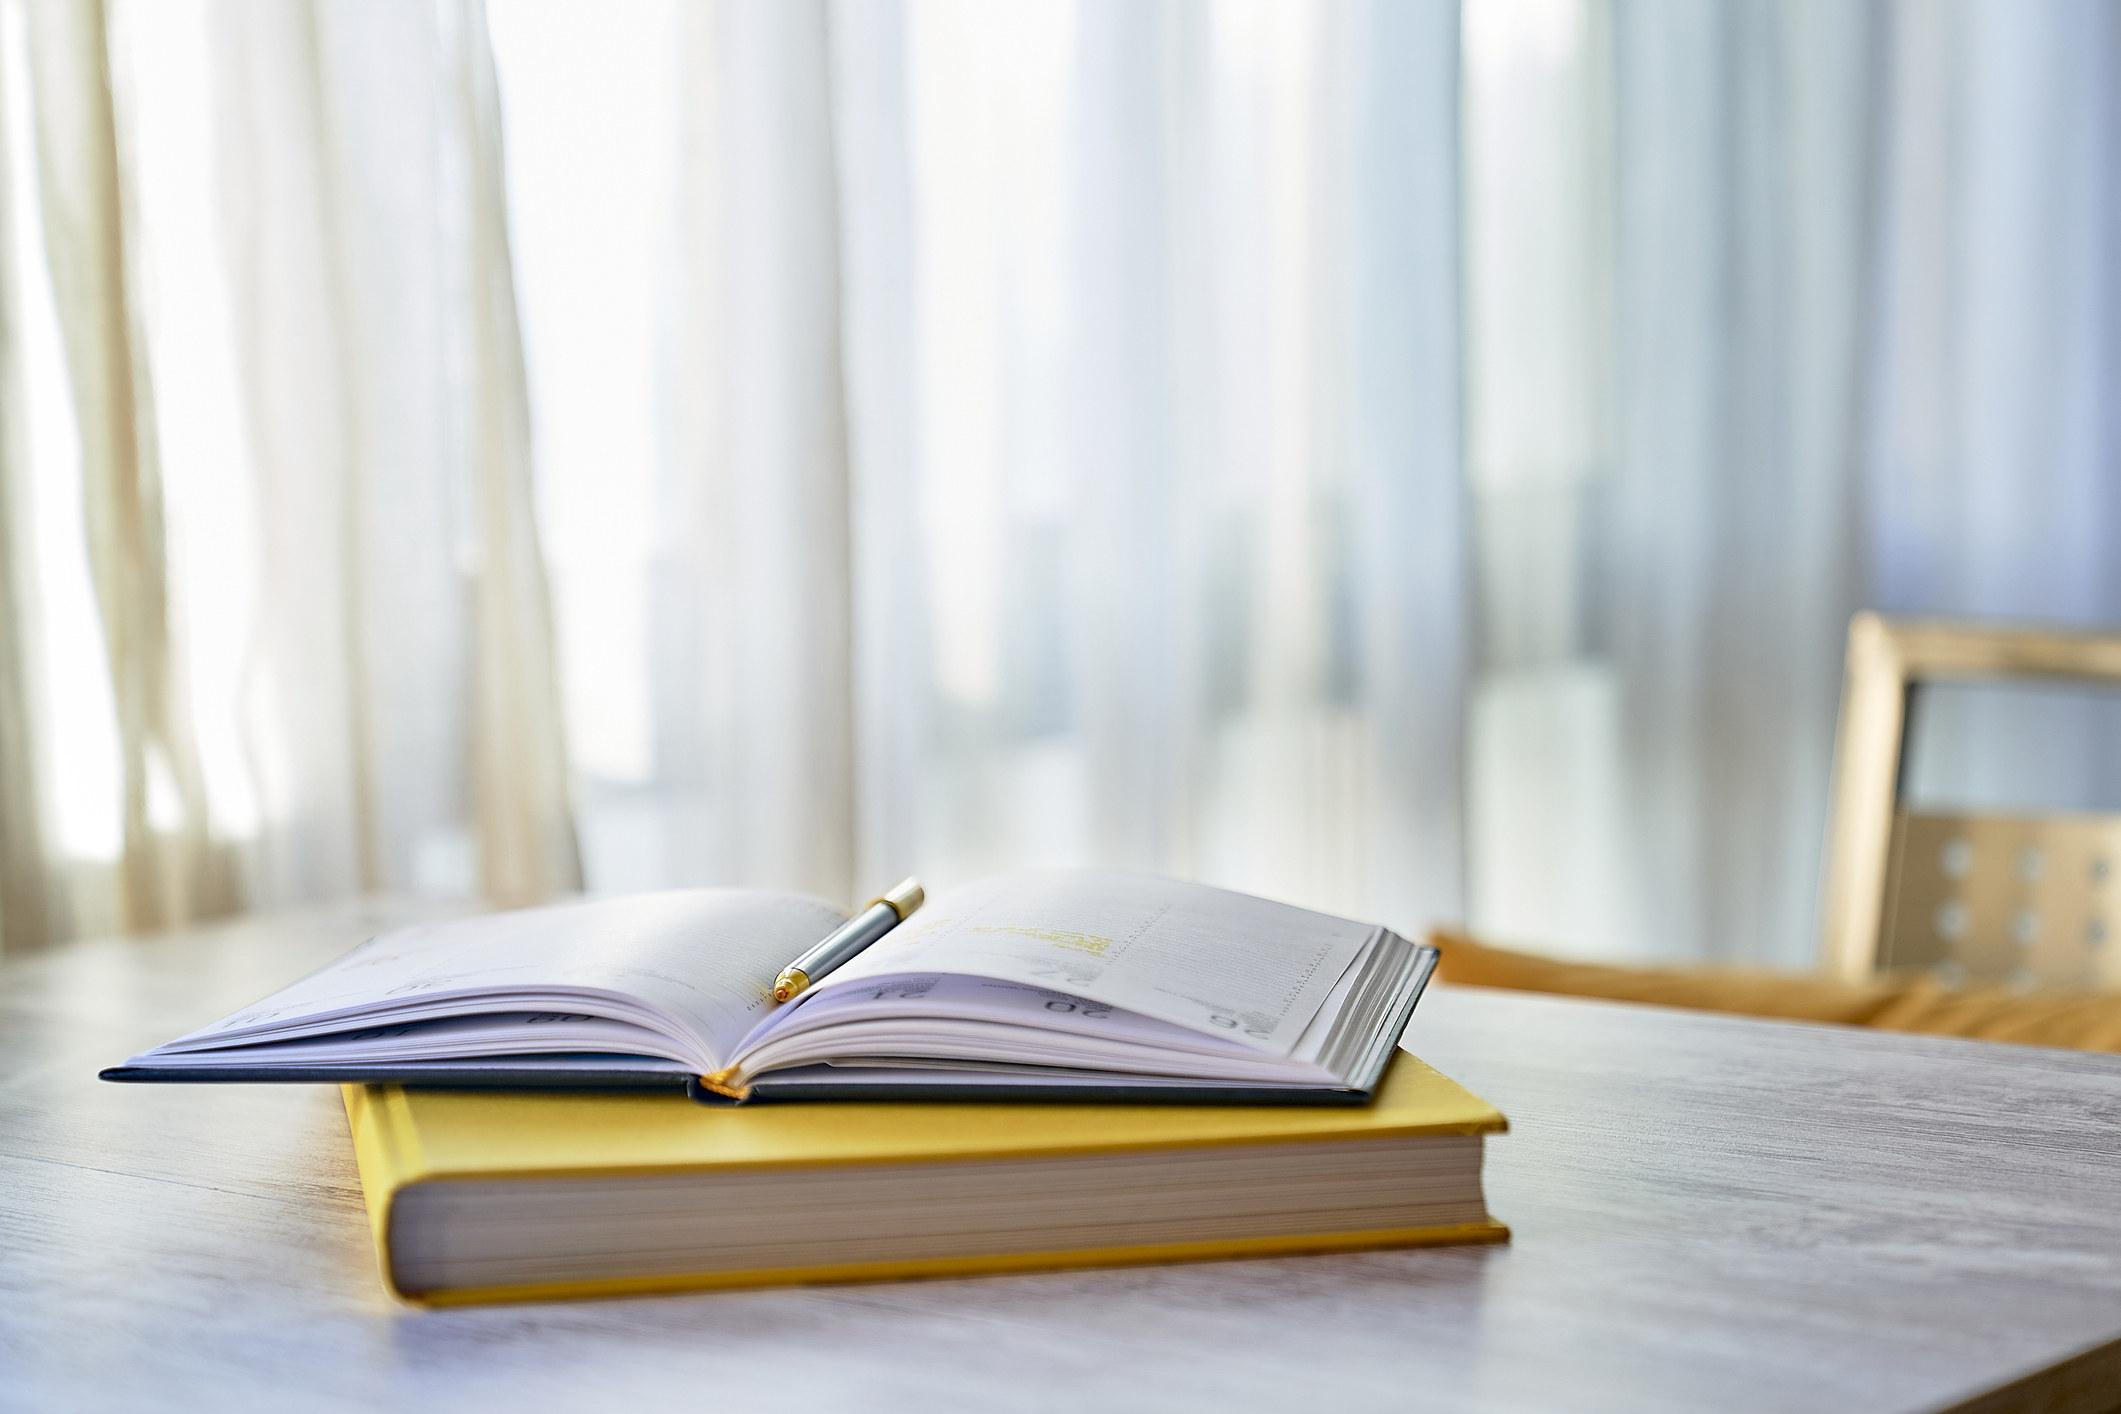 Homework on a table